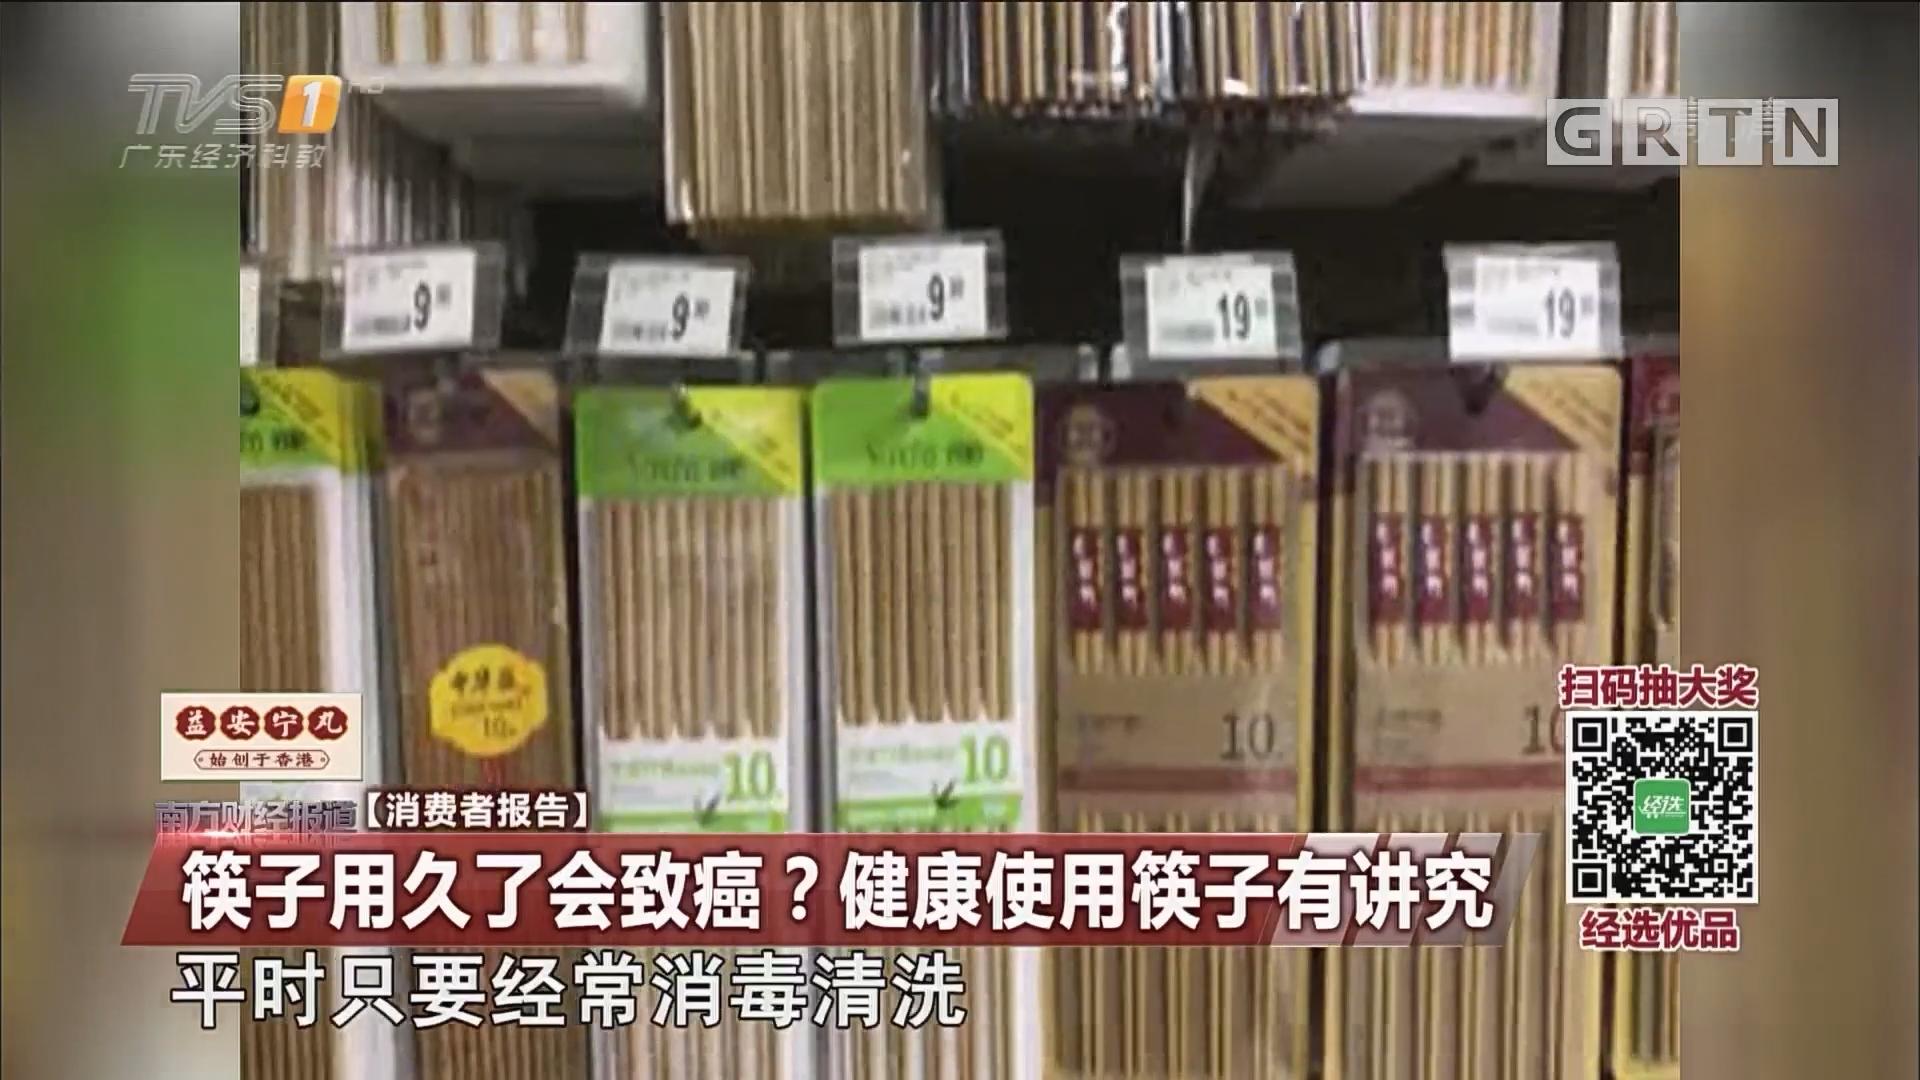 筷子用久了会致癌?健康使用筷子有讲究